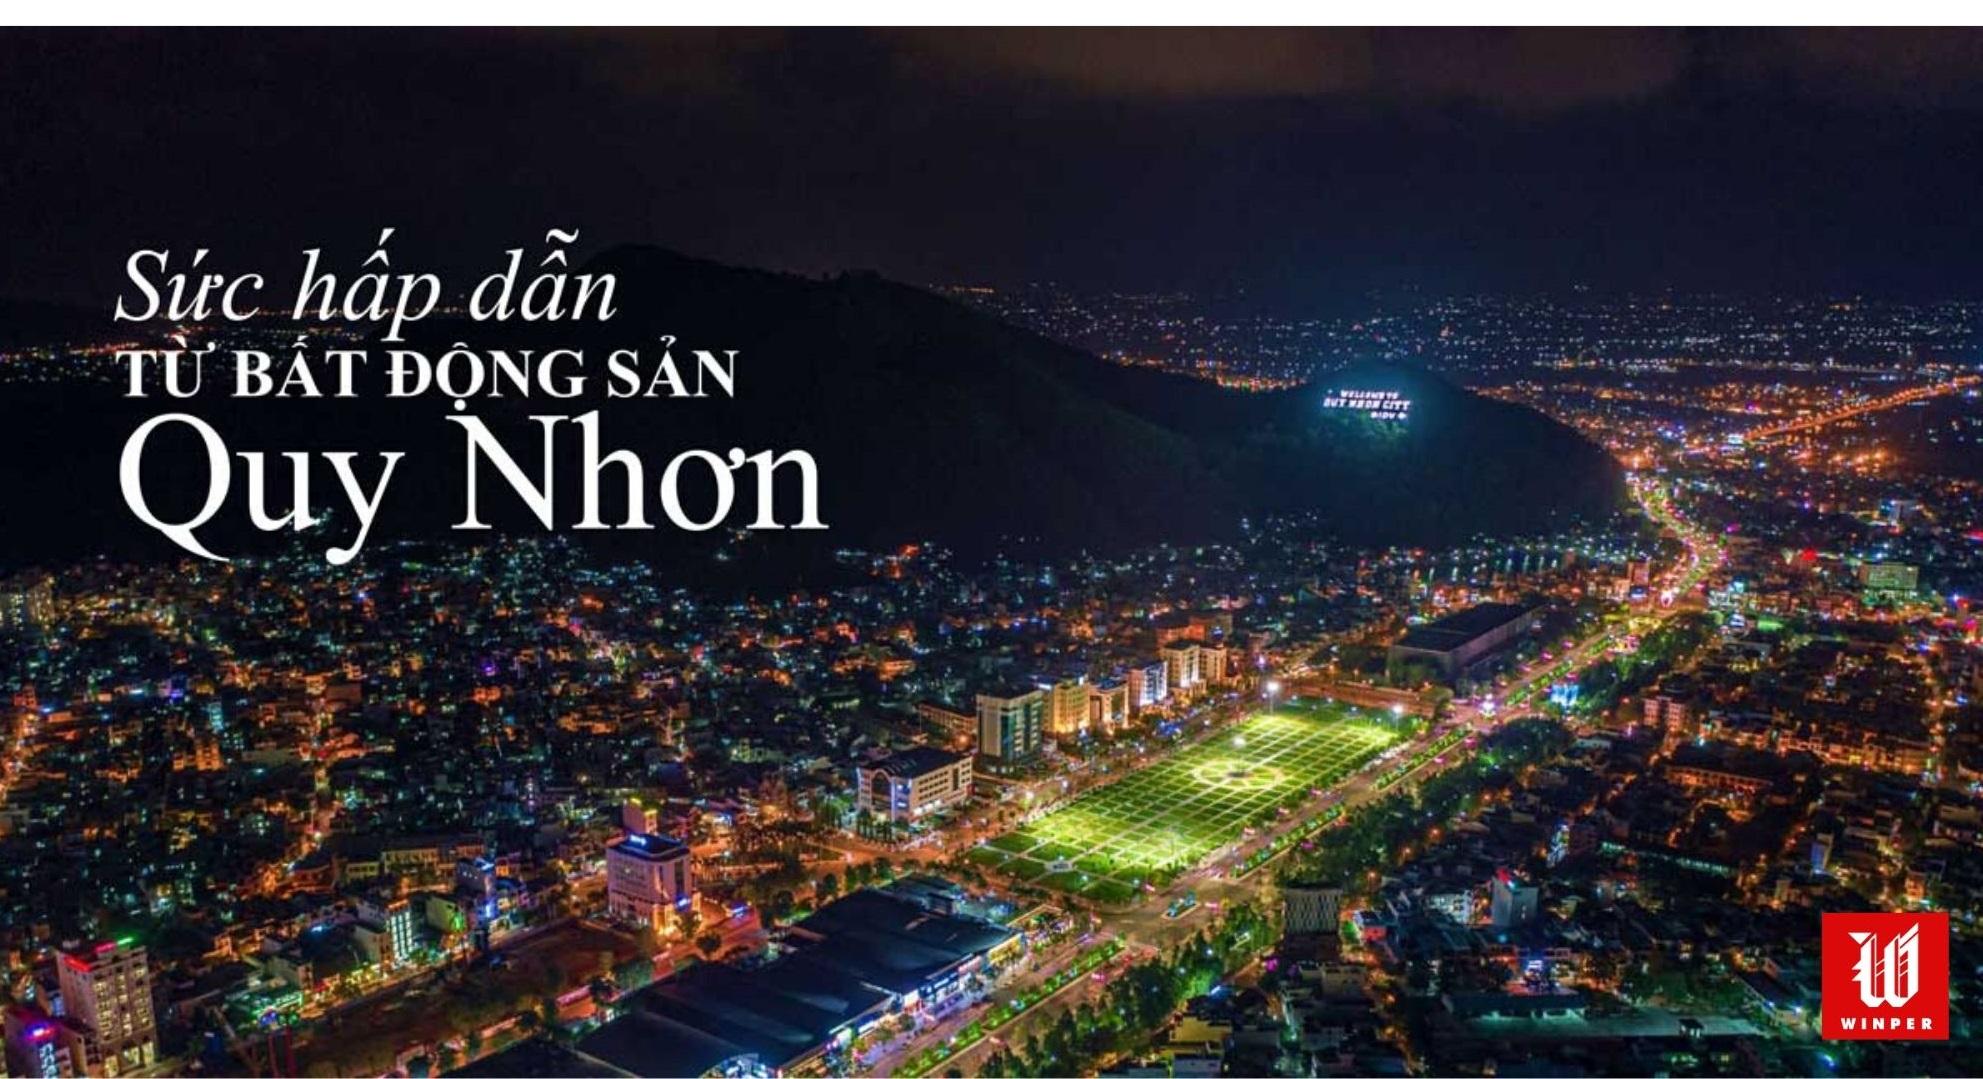 Dự Án Grand Center Hưng Thịnh Quy Nhơn - Bình Định